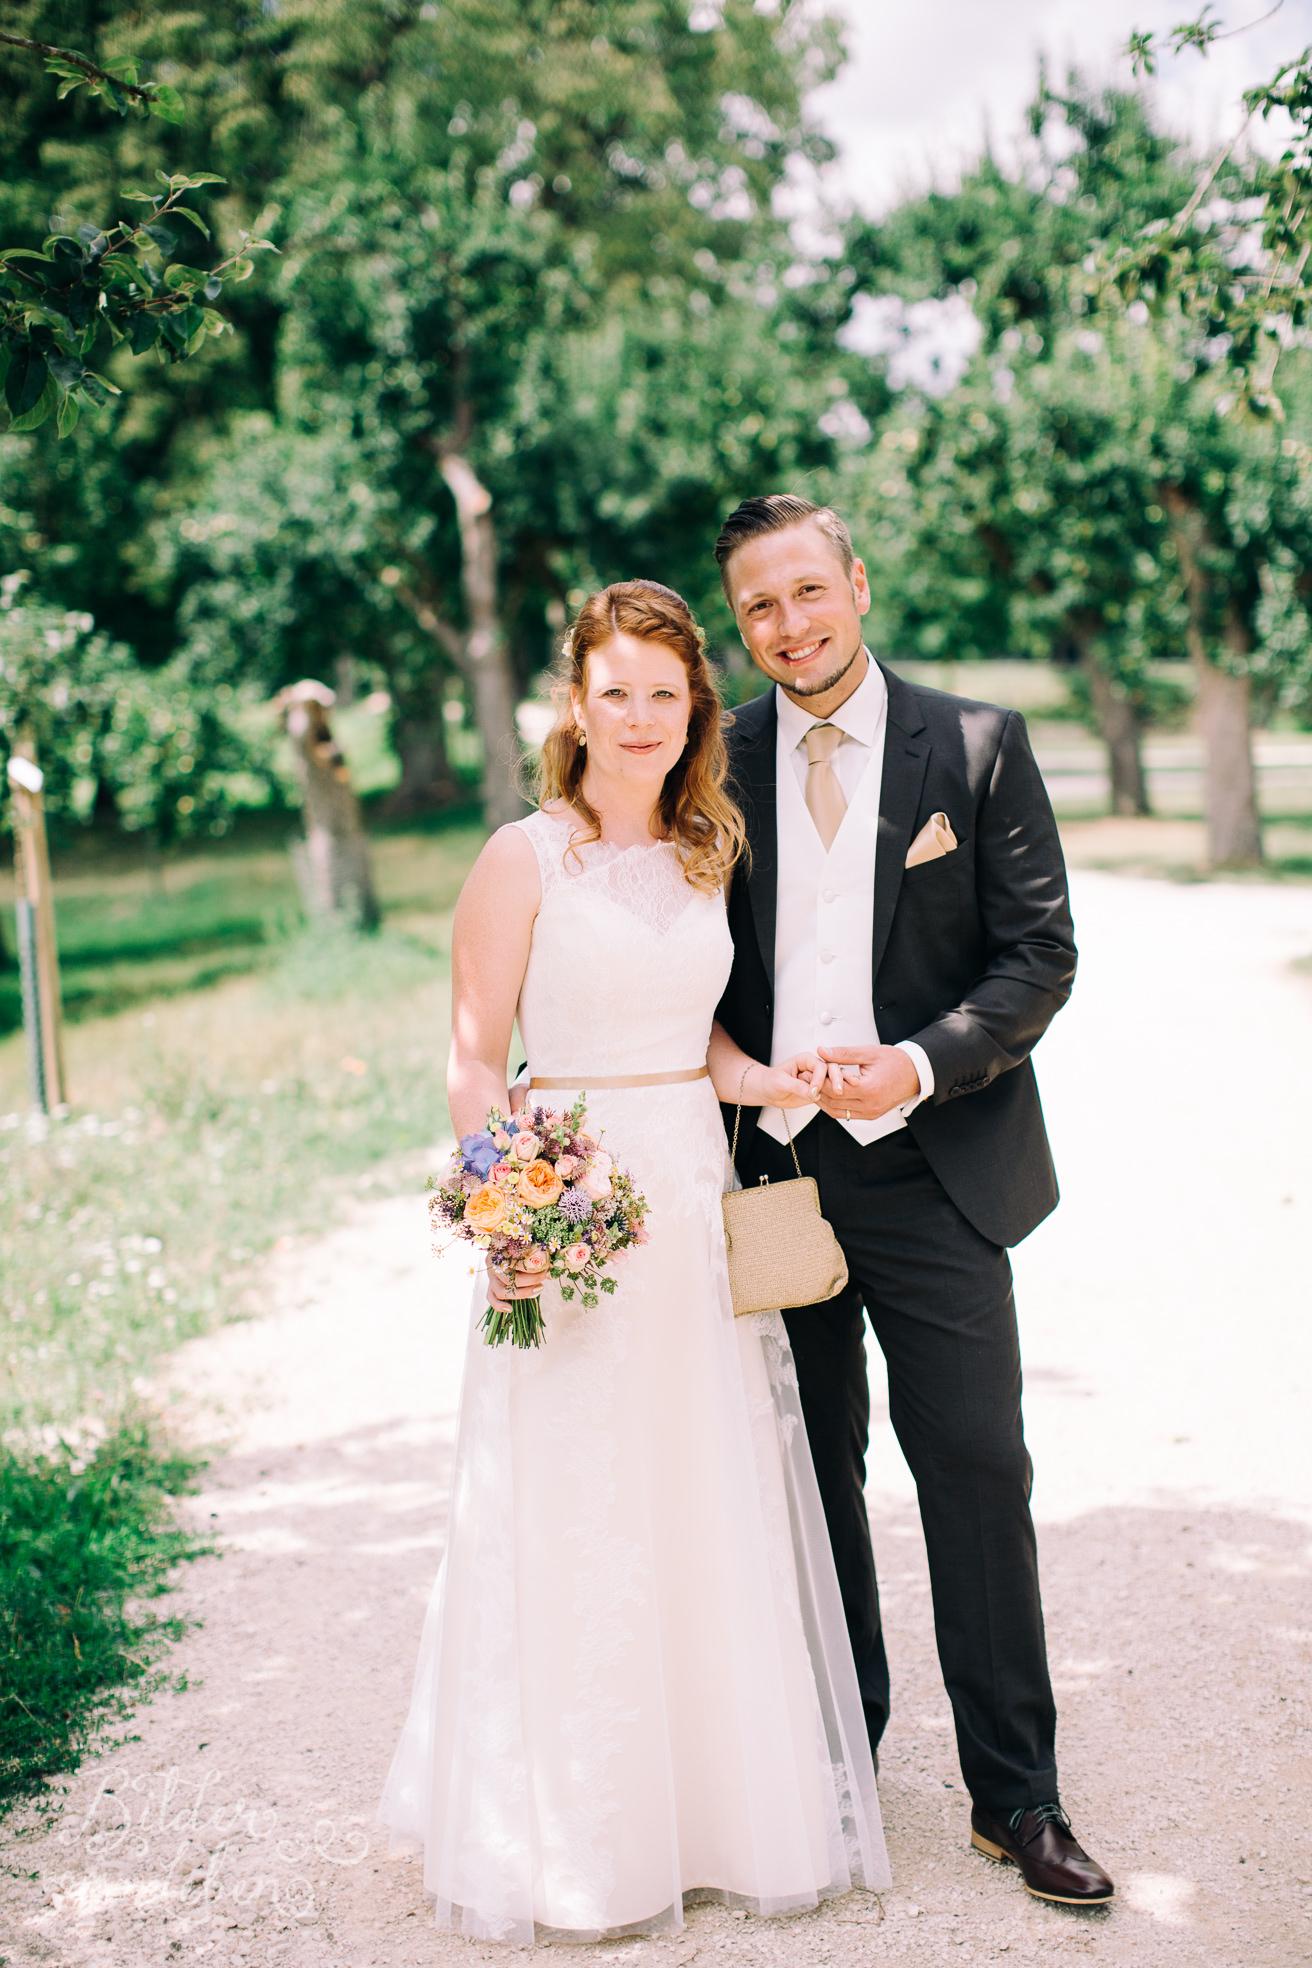 Franzi-Mike-Hochzeitsfotos-Triesdorf-IM2C0658